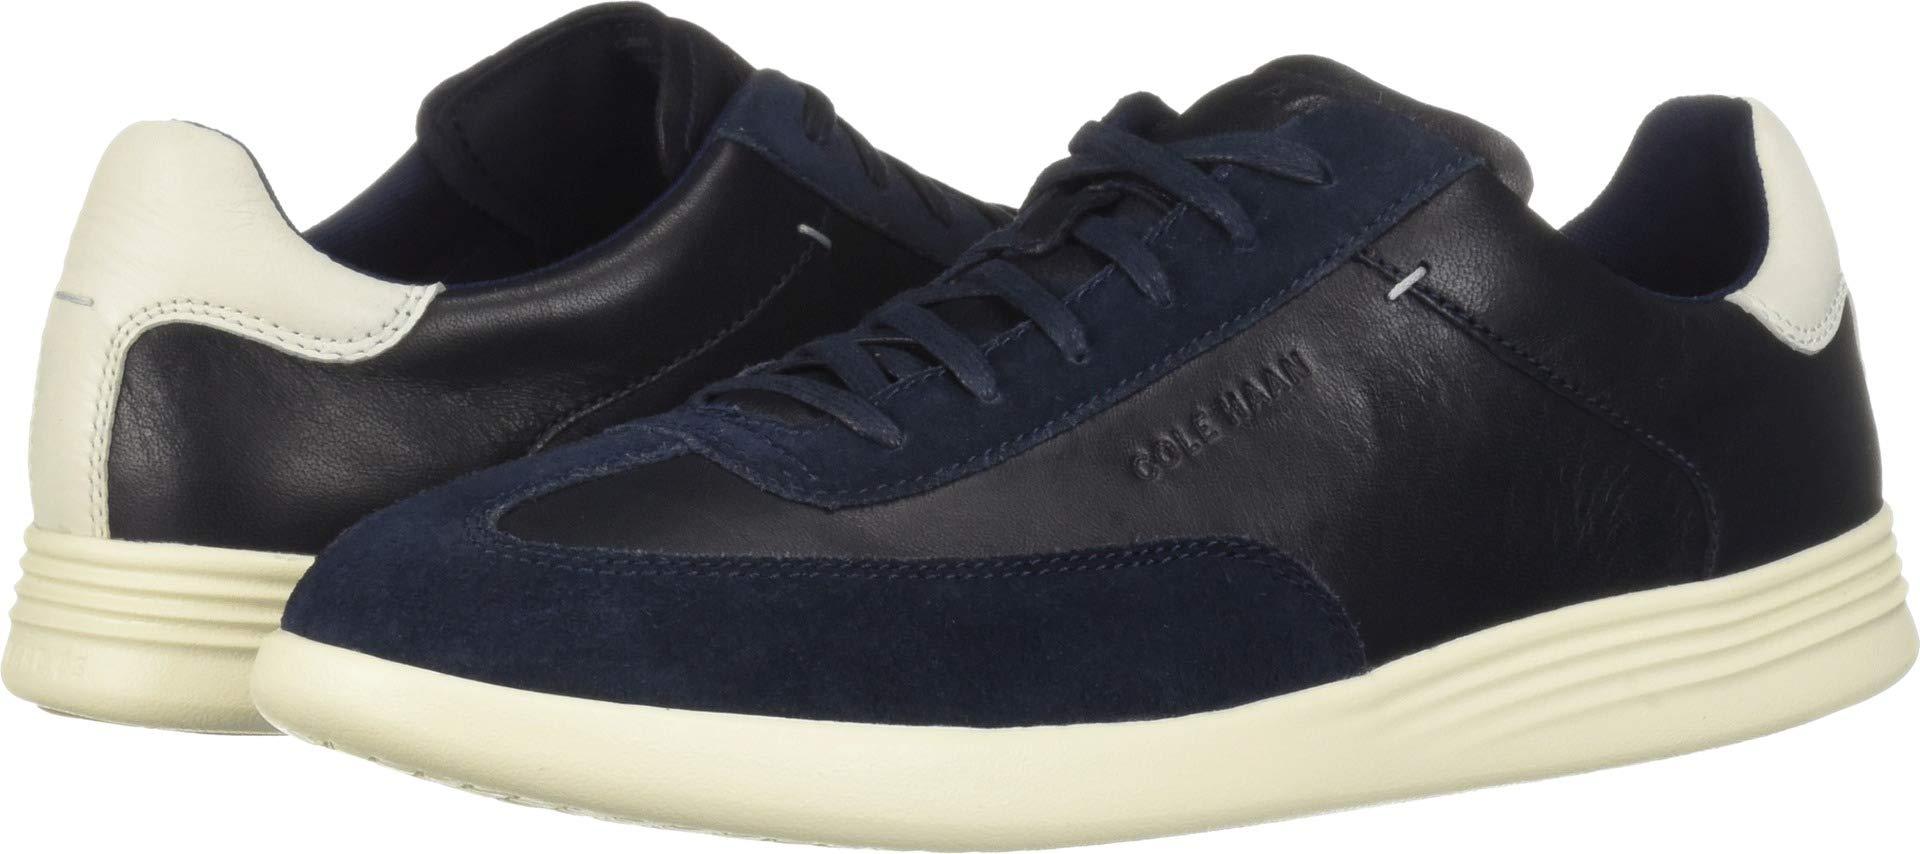 Cole Haan Men's Grand Crosscourt Turf Sneaker, Navy Ink Leather 10.5 M US